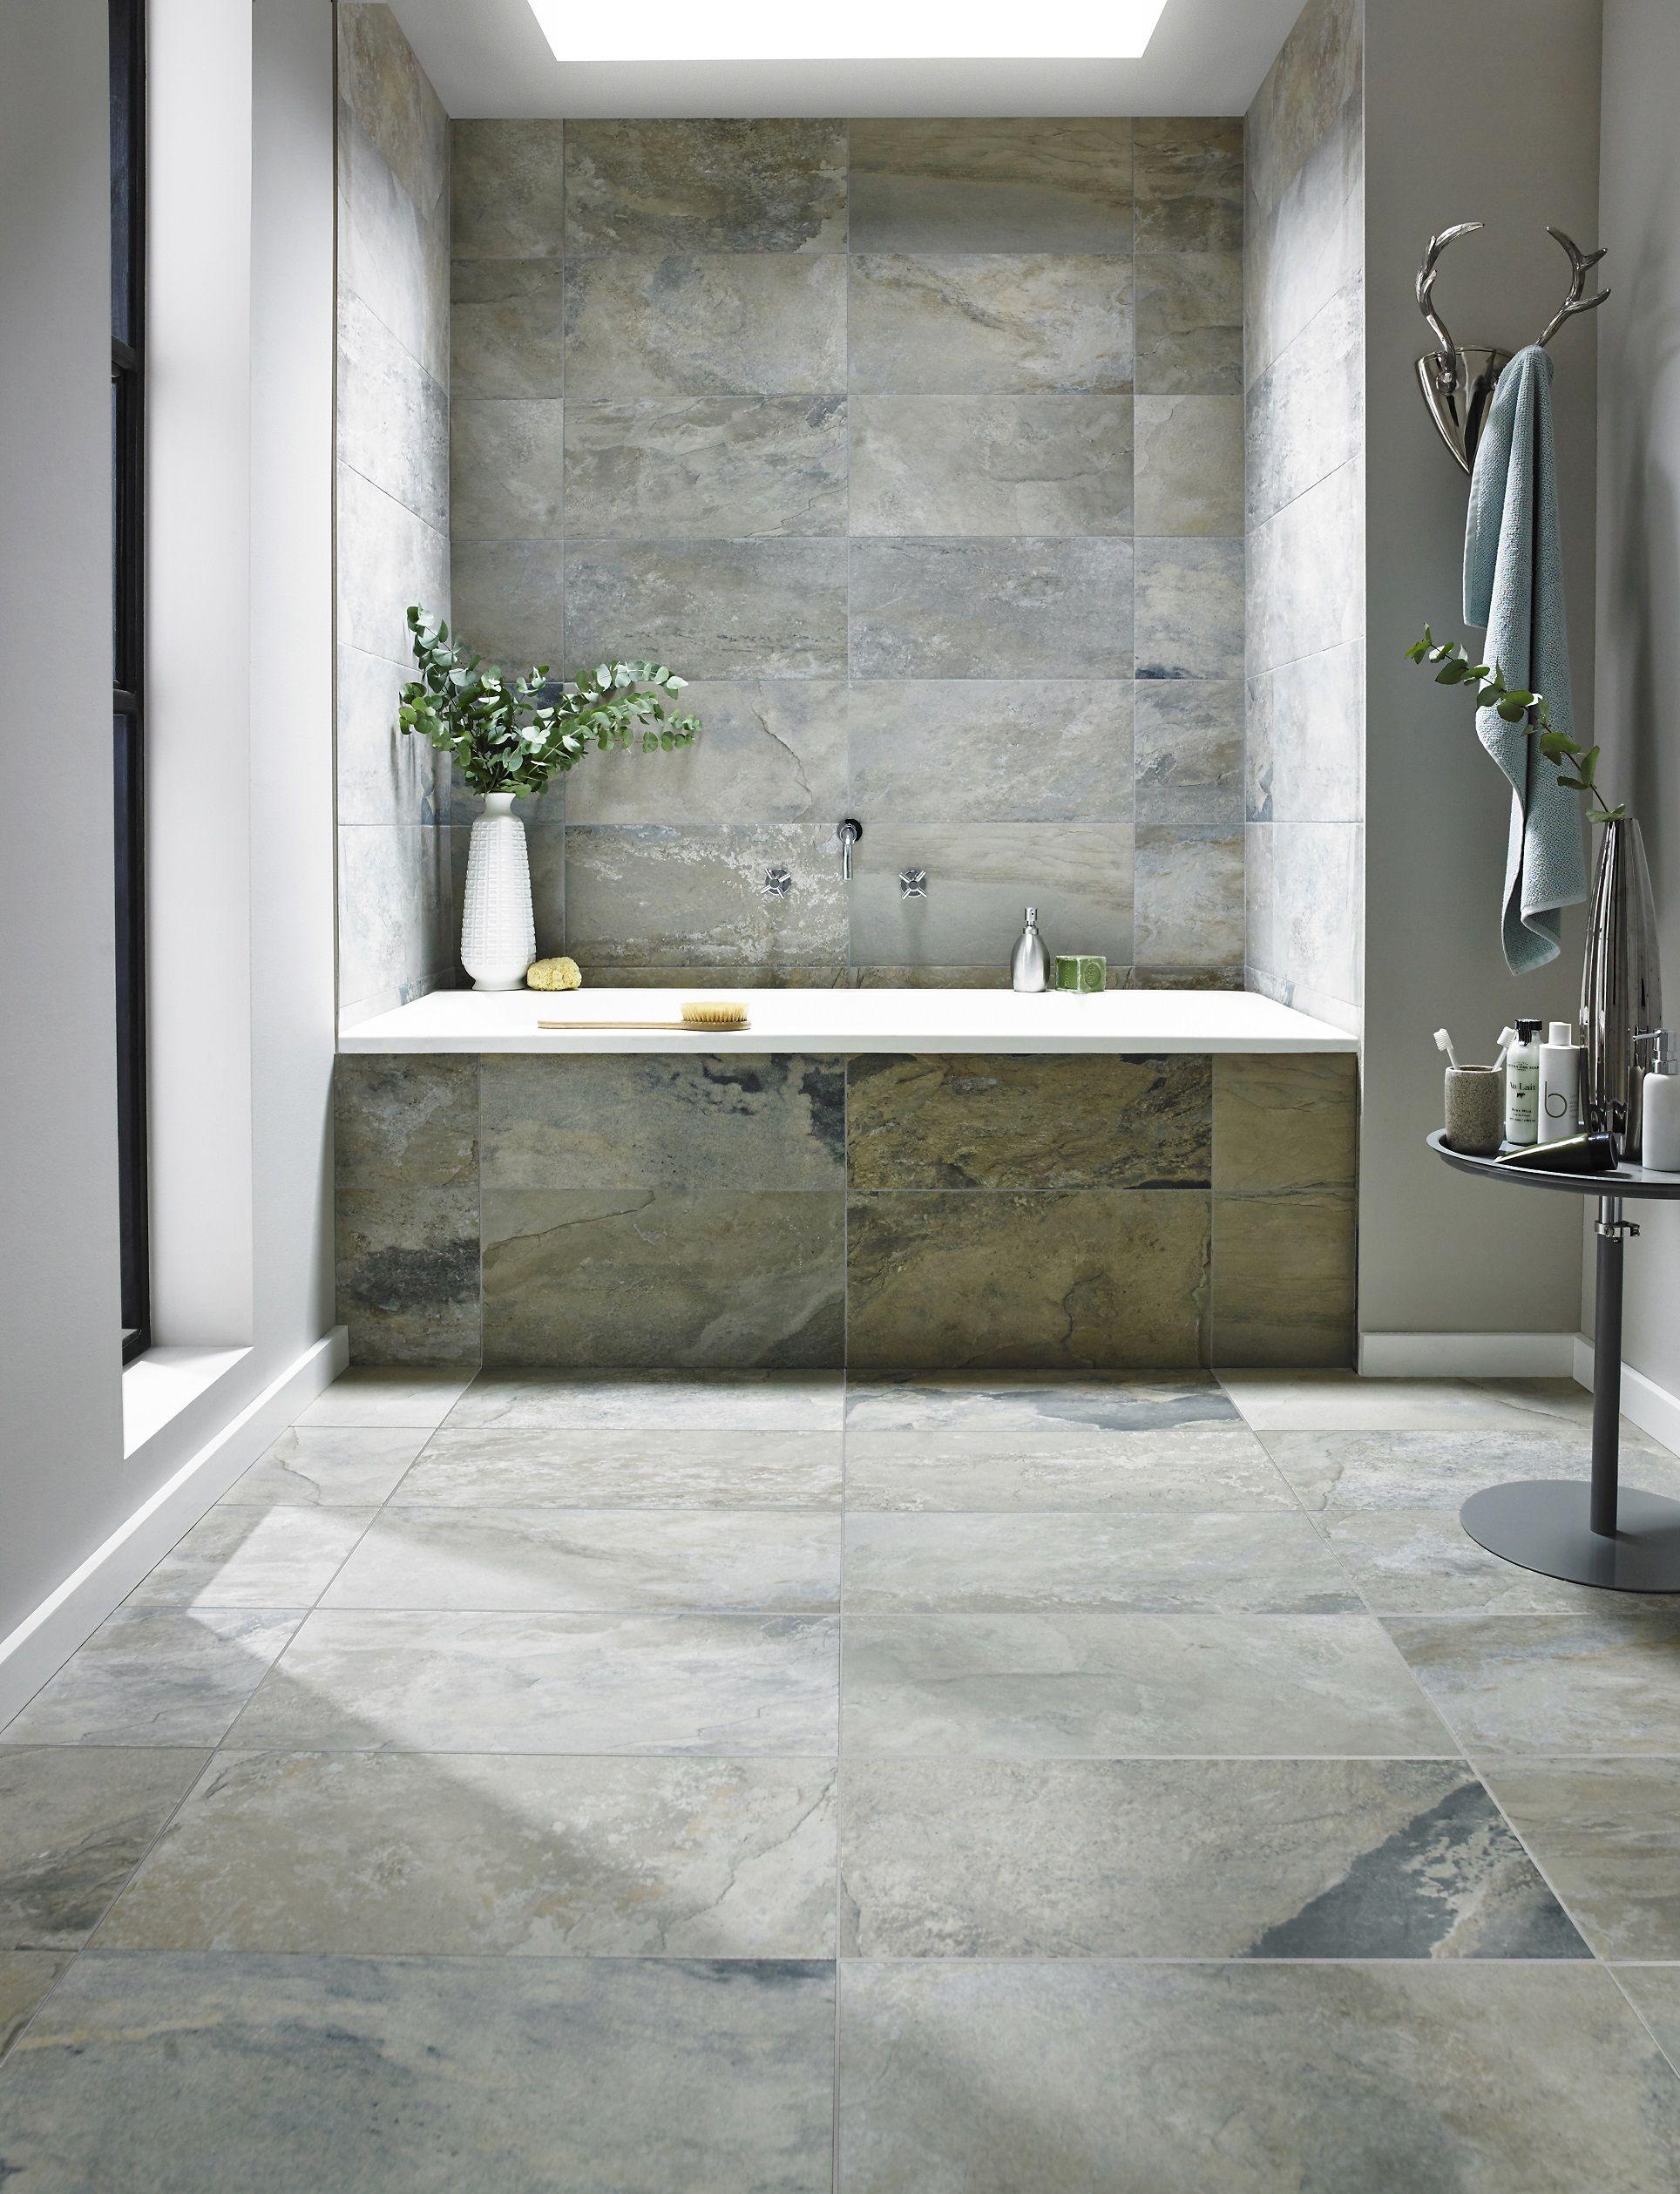 Badezimmer Kombination Aus Feinsteinzeug 60x60 Cm Auf Dem Boden Und 30x60  Cm An Der Wand.